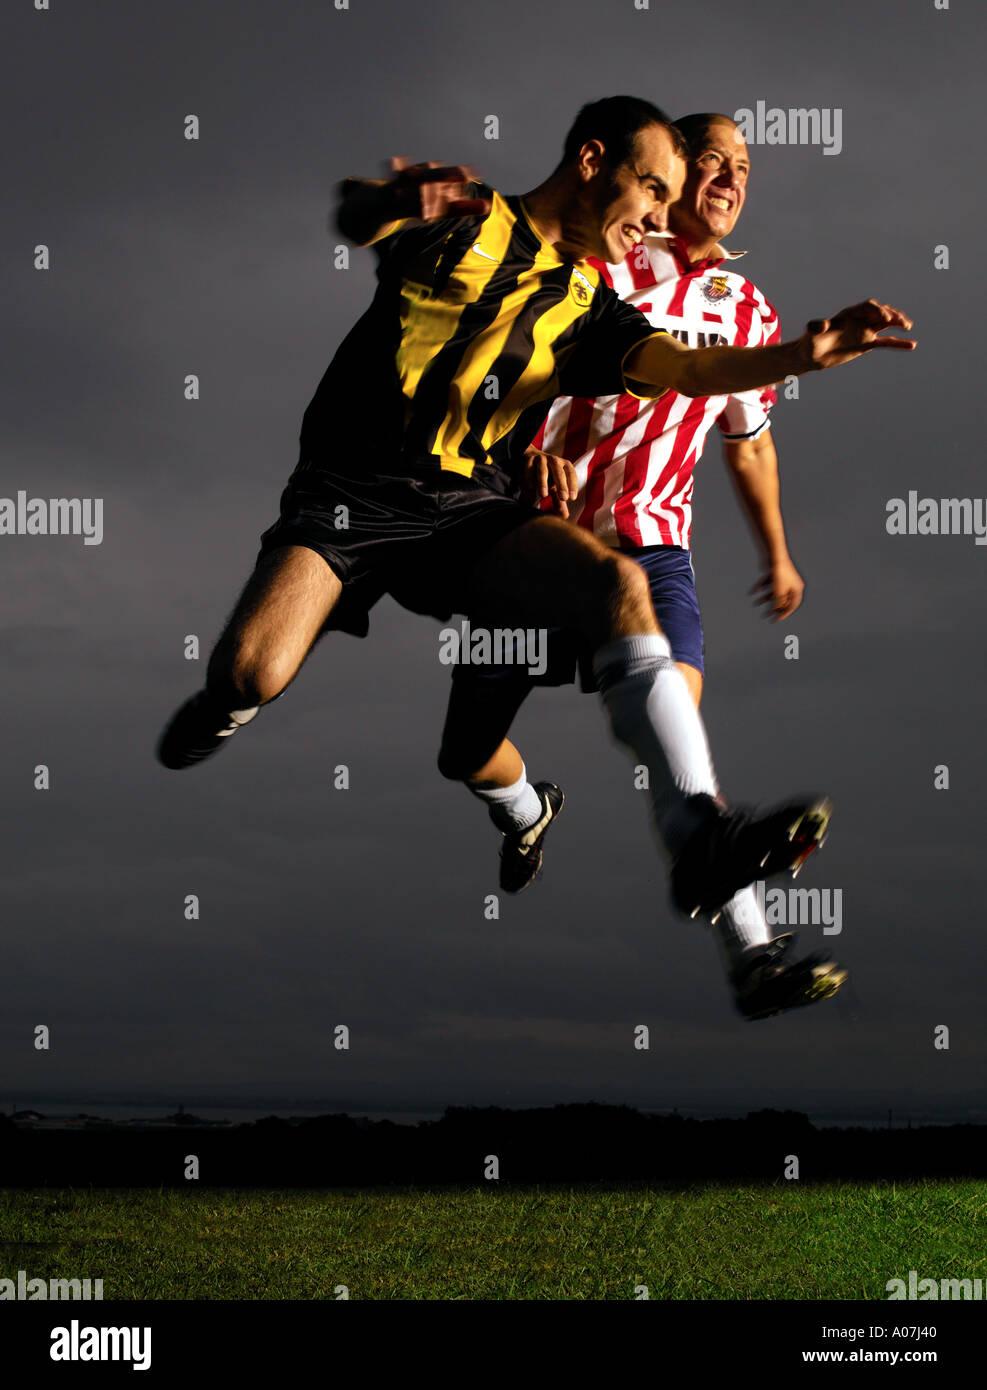 Azione, sforzo, sfida, Sport, orizzontale, a piena lunghezza e all'aperto, 30-34 anni, vista frontale, calcio, aspetto caucasico. Immagini Stock